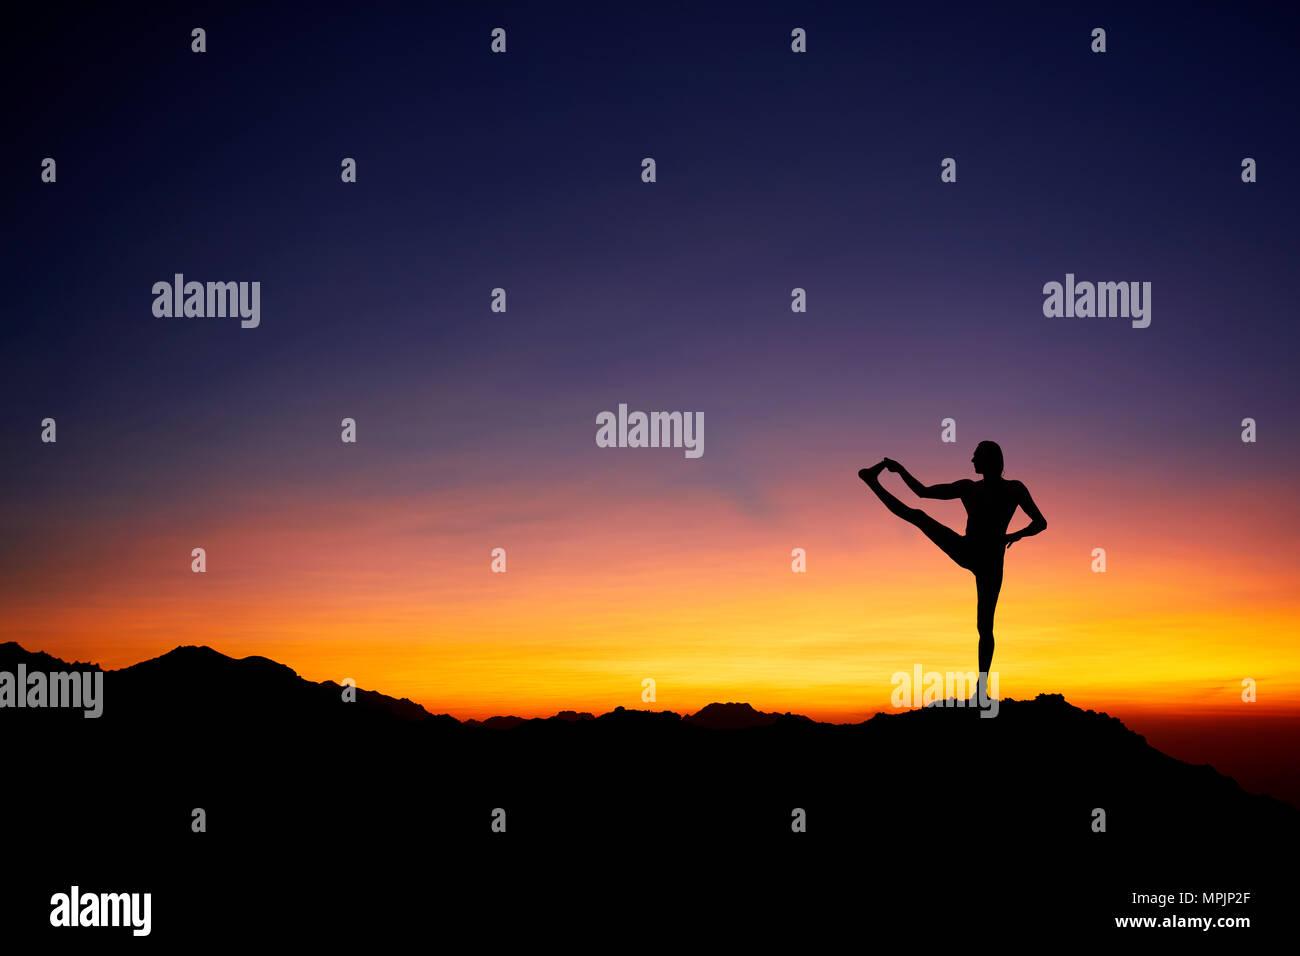 Montare l'uomo in silhouette fare yoga equilibrio pongono in corrispondenza di un bel colore arancione tramonto sullo sfondo del cielo Immagini Stock